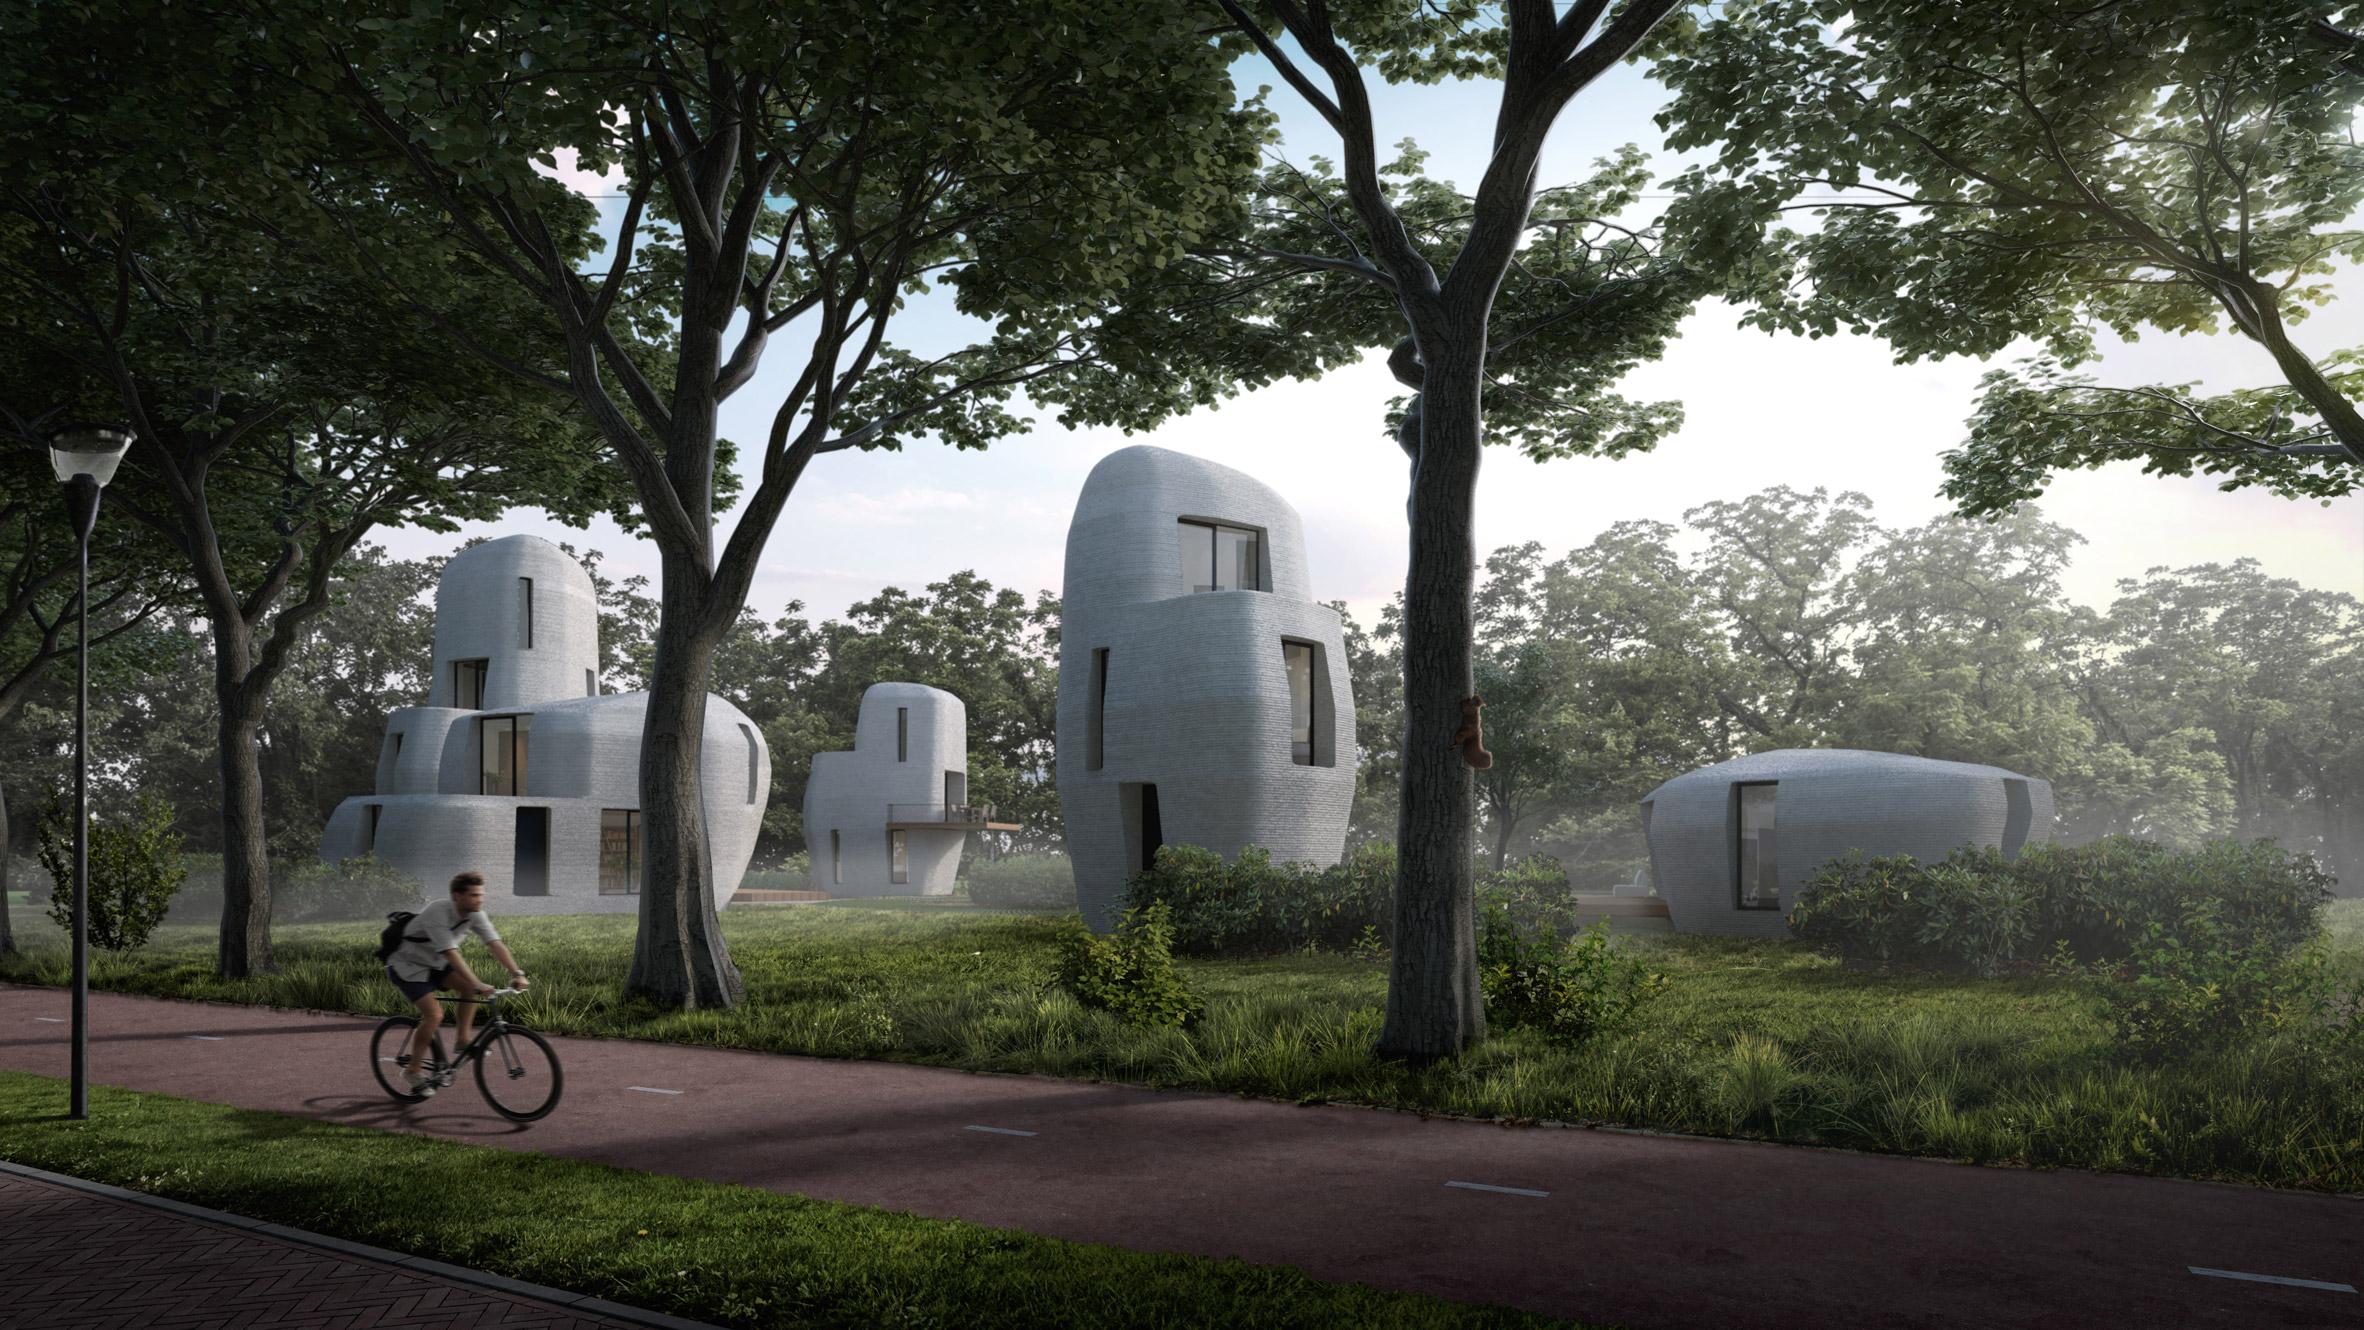 Τι θα συμβεί στην καταπράσινη Αϊντχόβεν της Ολλανδίας;